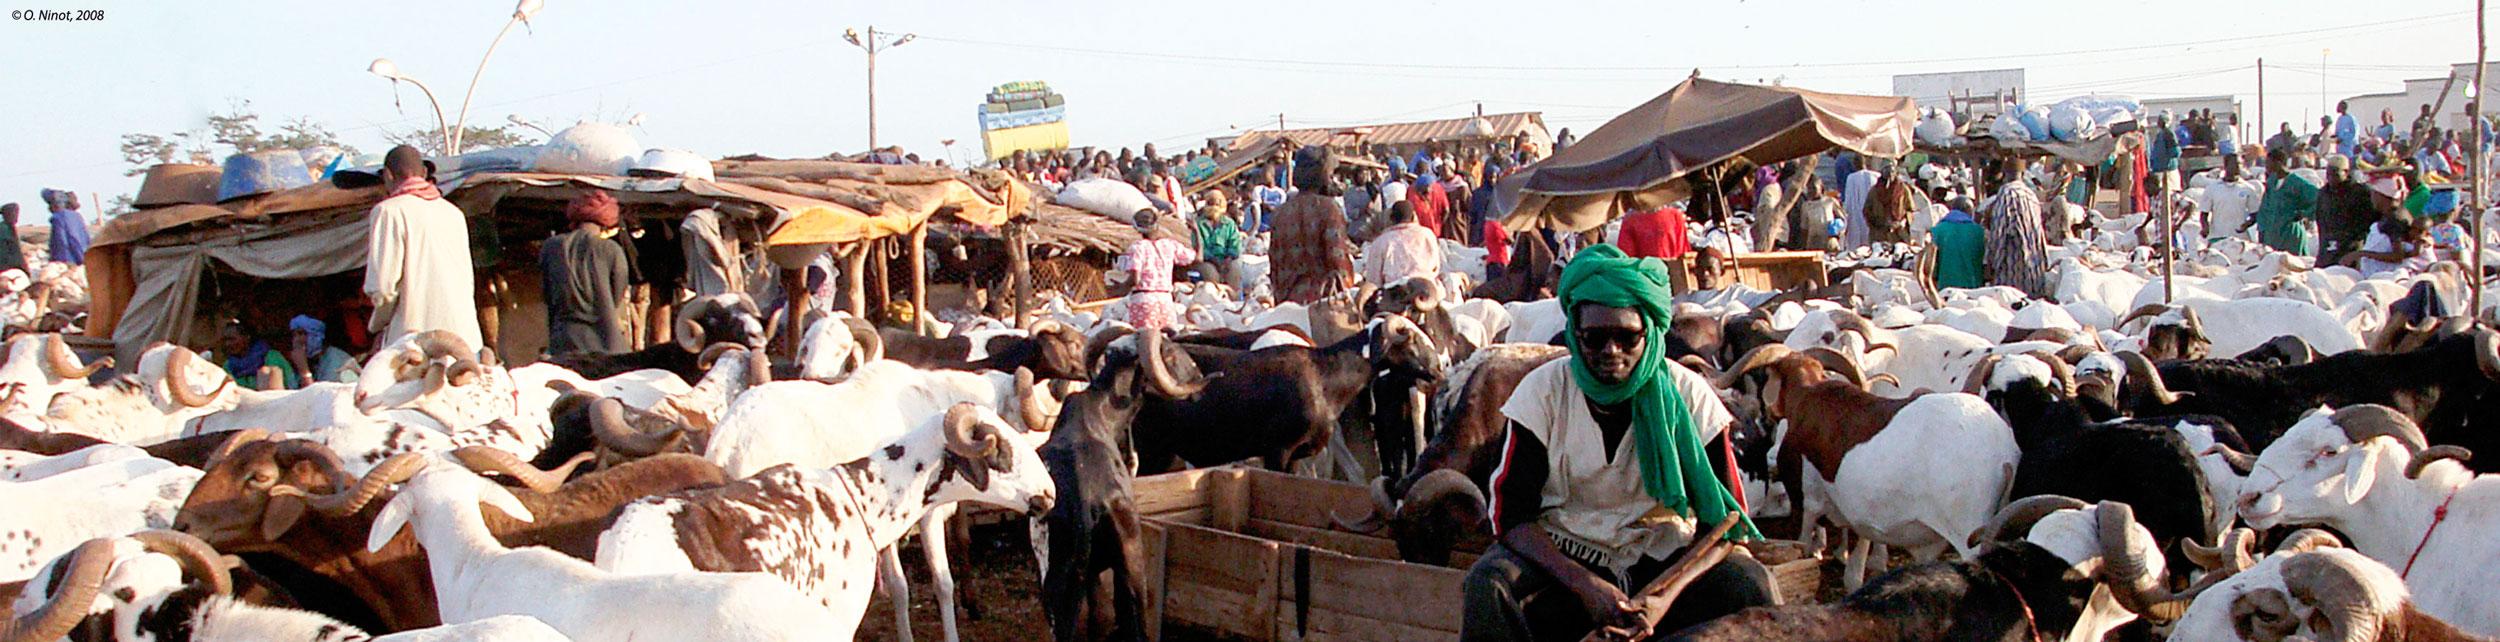 Sénégal-Marché de moutons pendant la Tabaski à Dakar